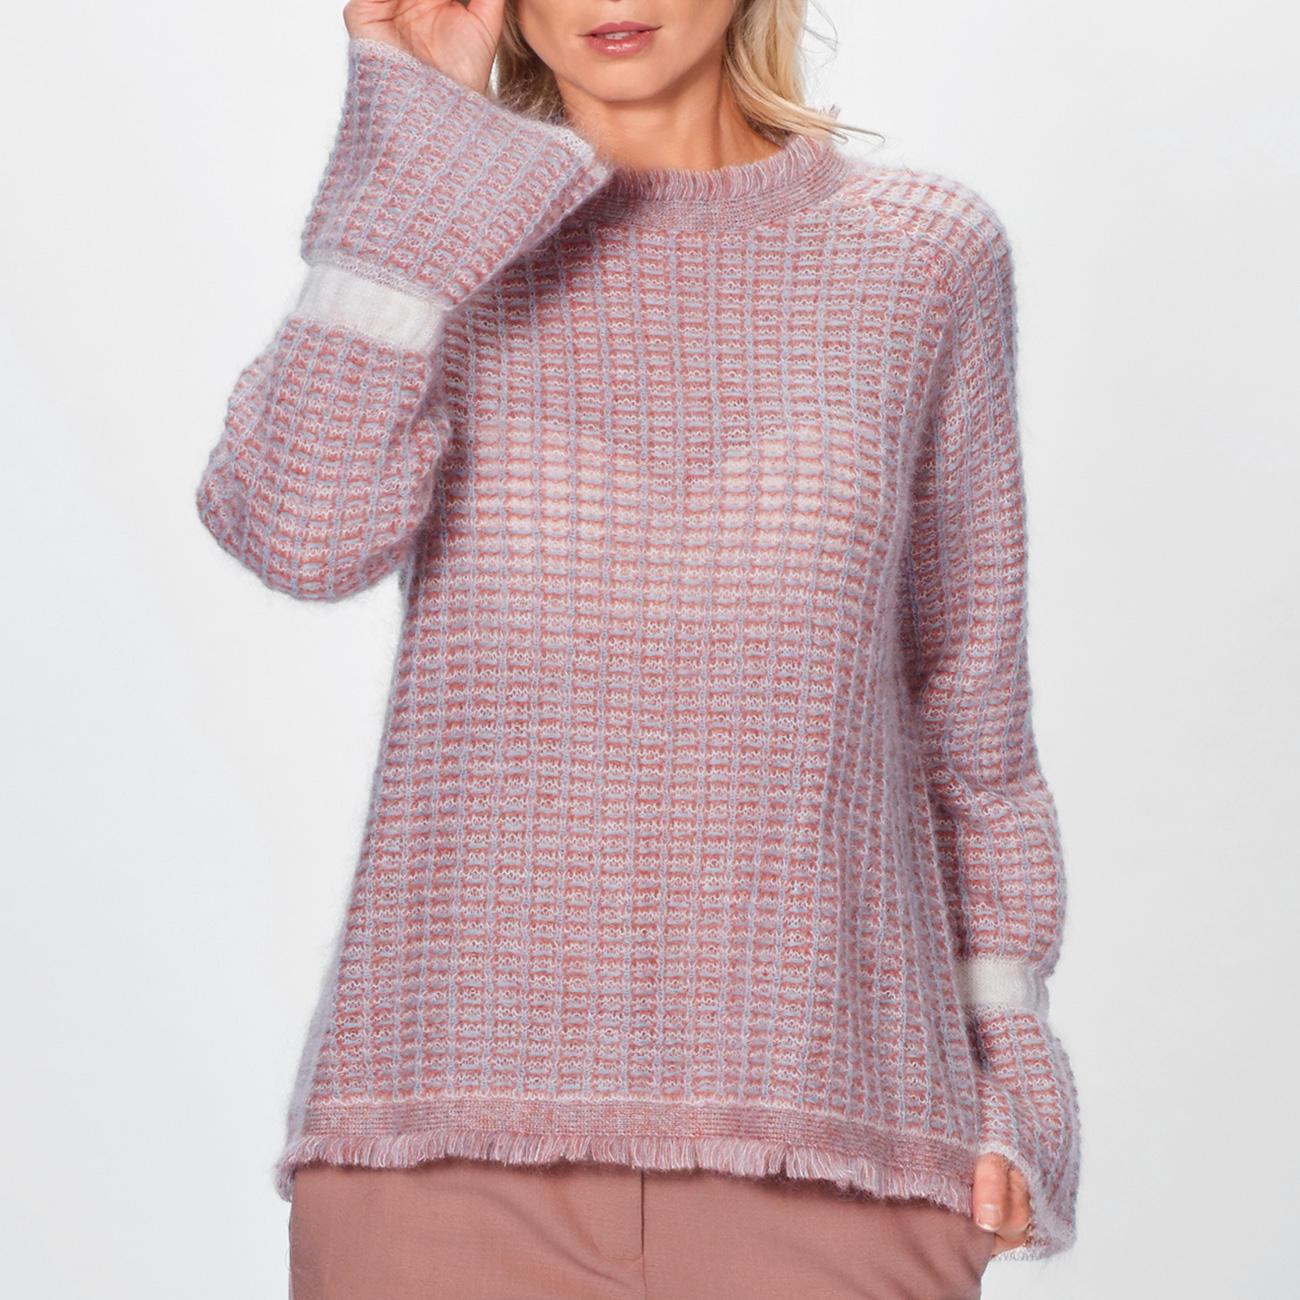 81f564c9863df6 Stefanel Couture-Pullover | Designer-Highlights